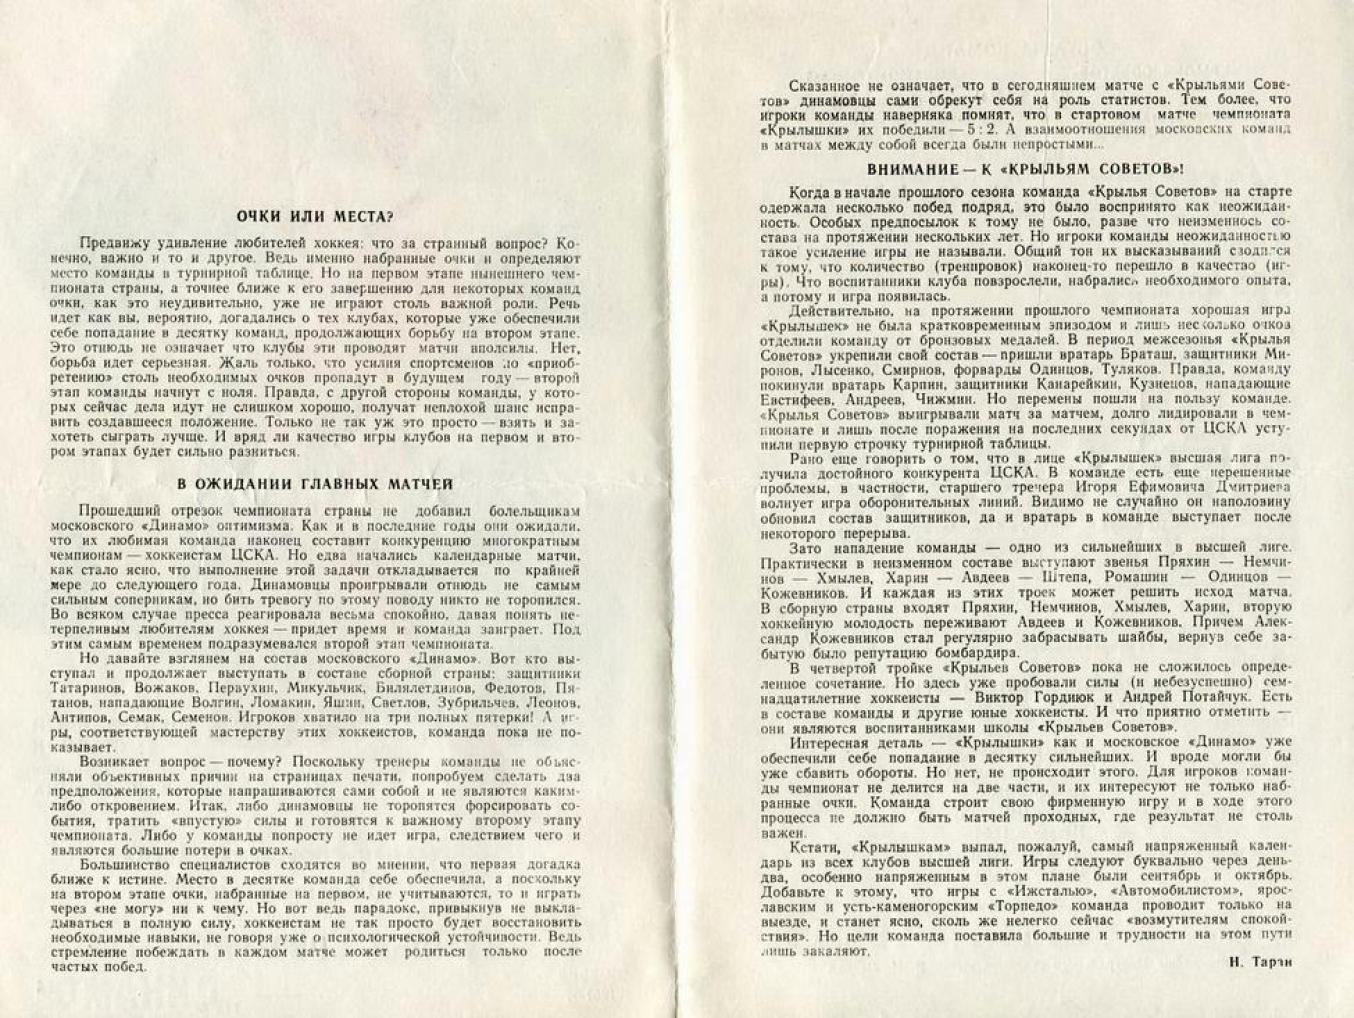 1987.11.14. Крылья Советов - Динамо (Чм. СССР)_02.png